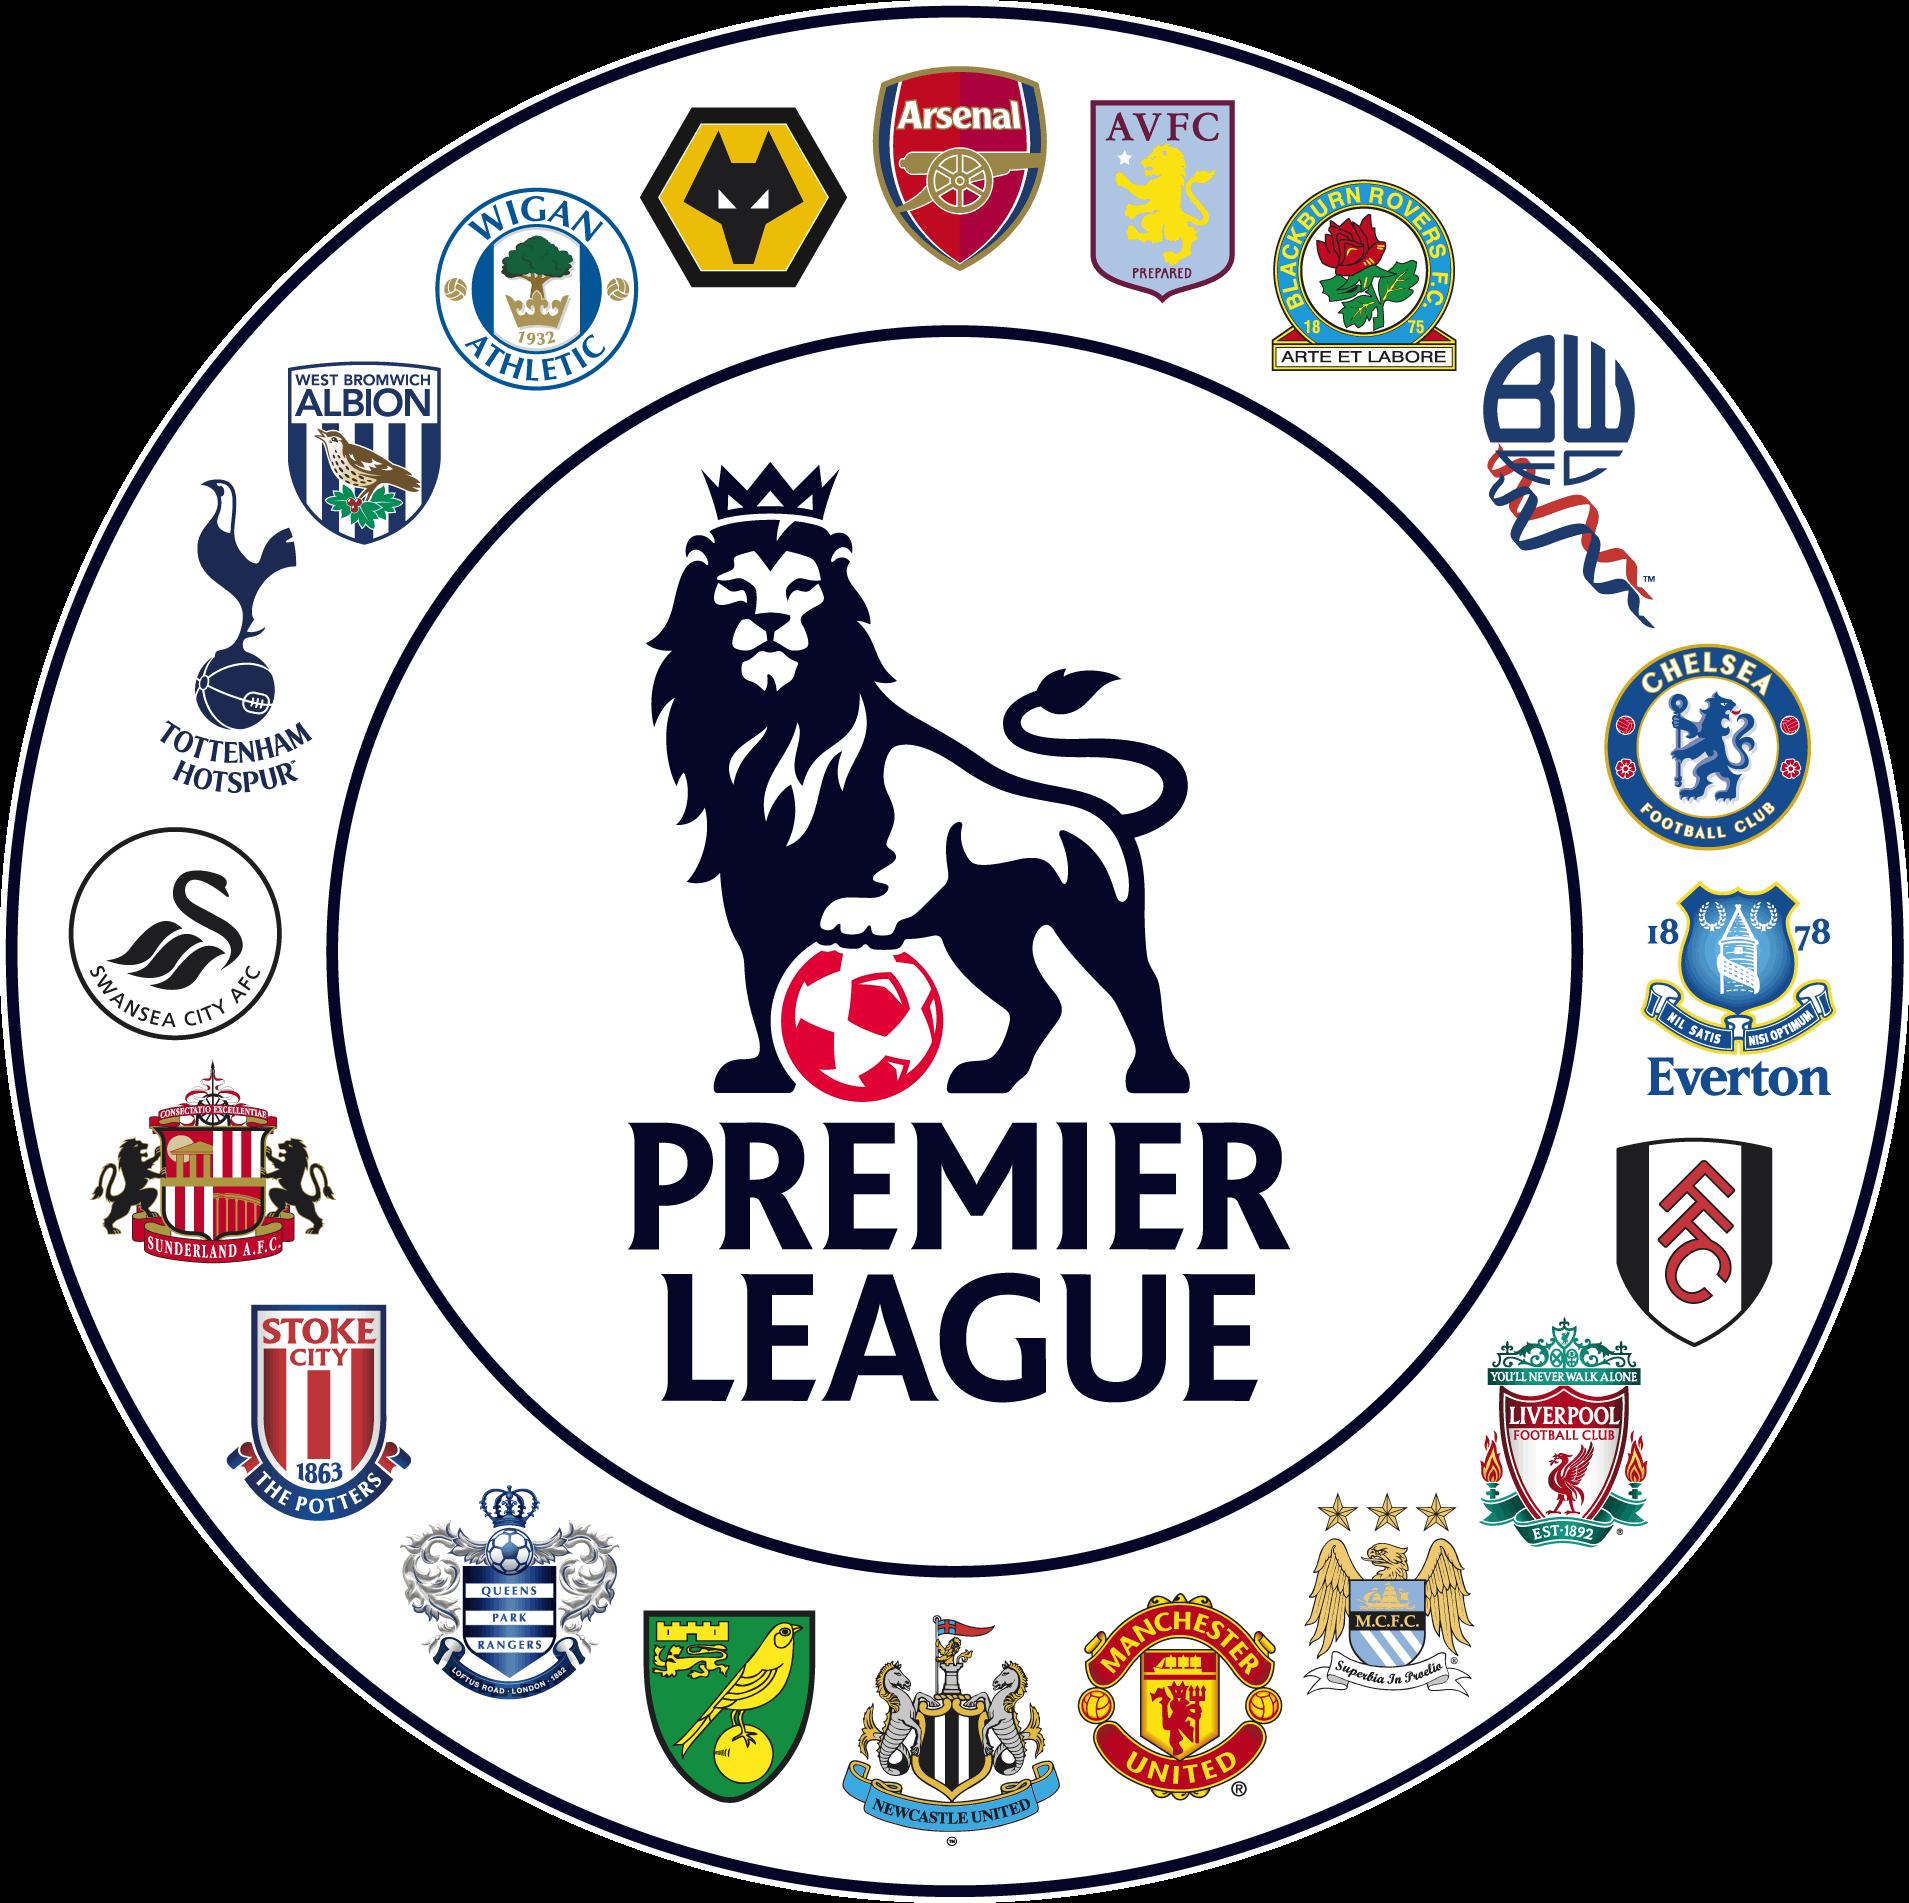 Descubra como assistir aos jogos da Premier League pelo celular